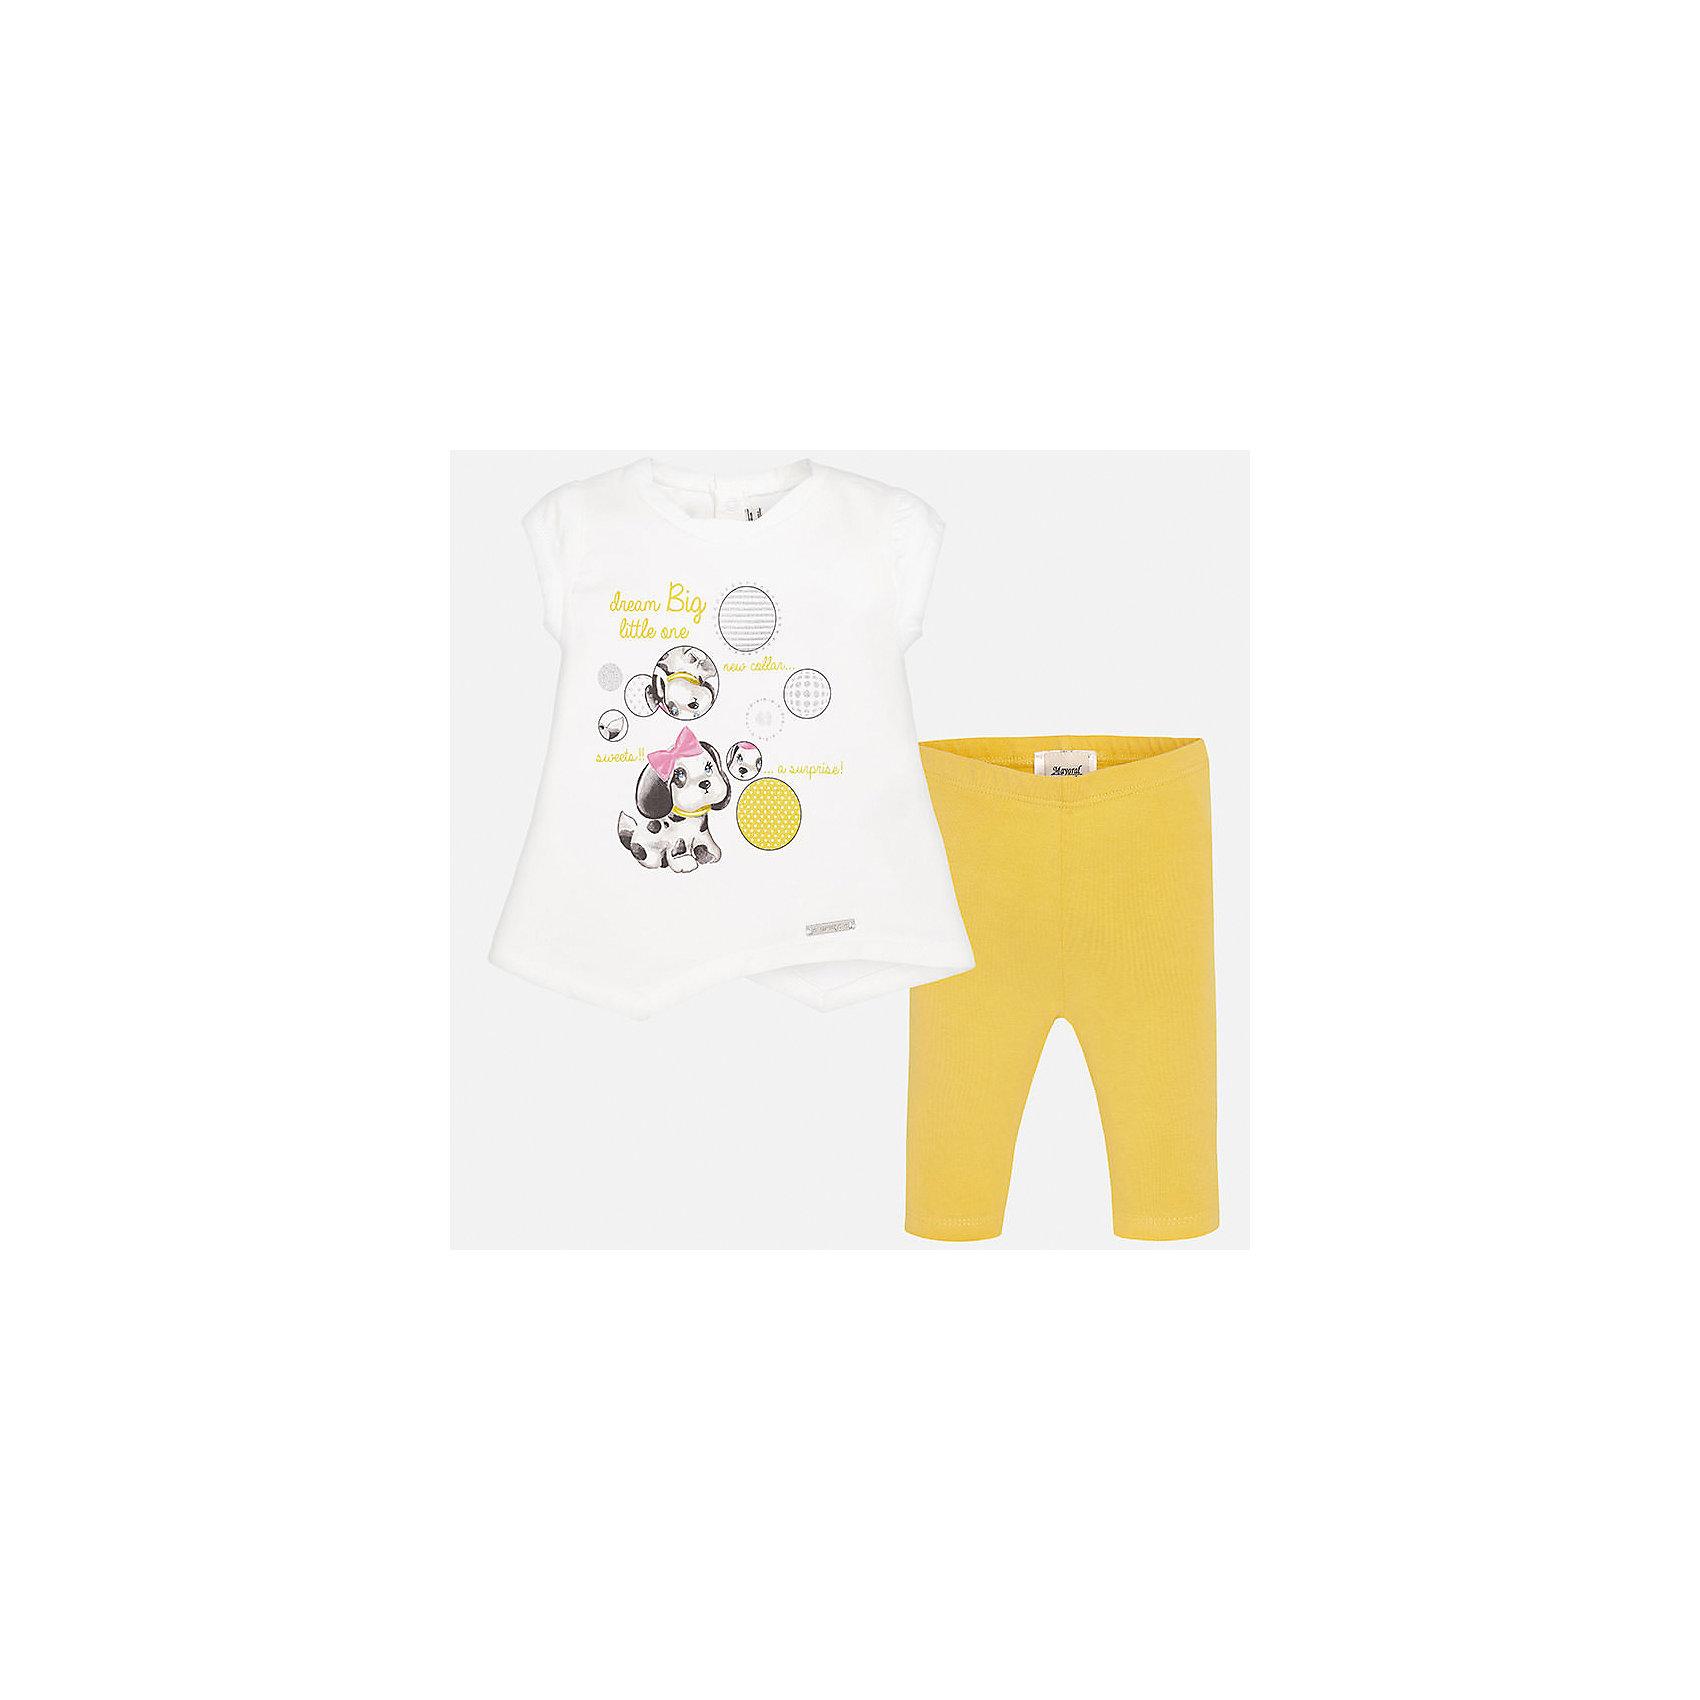 Комплект: футболка и леггинсы для девочки MayoralКомплекты<br>Характеристики товара:<br><br>• цвет: белый/желтый<br>• состав: 92% хлопок, 8% эластан<br>• комплектация: футболка и леггинсы<br>• футболка декорирована принтом<br>• леггинсы однотонные<br>• пояс на резинке<br>• страна бренда: Испания<br><br>Стильный качественный комплект для девочки поможет разнообразить гардероб ребенка и удобно одеться в теплую погоду. Он отлично сочетается с другими предметами. Универсальный цвет позволяет подобрать к вещам верхнюю одежду практически любой расцветки. Интересная отделка модели делает её нарядной и оригинальной. В составе материала - натуральный хлопок, гипоаллергенный, приятный на ощупь, дышащий.<br><br>Одежда, обувь и аксессуары от испанского бренда Mayoral полюбились детям и взрослым по всему миру. Модели этой марки - стильные и удобные. Для их производства используются только безопасные, качественные материалы и фурнитура. Порадуйте ребенка модными и красивыми вещами от Mayoral! <br><br>Комплект: футболка и леггинсы для девочки от испанского бренда Mayoral (Майорал) можно купить в нашем интернет-магазине.<br><br>Ширина мм: 123<br>Глубина мм: 10<br>Высота мм: 149<br>Вес г: 209<br>Цвет: желтый<br>Возраст от месяцев: 6<br>Возраст до месяцев: 9<br>Пол: Женский<br>Возраст: Детский<br>Размер: 74,92,86,80<br>SKU: 5289138